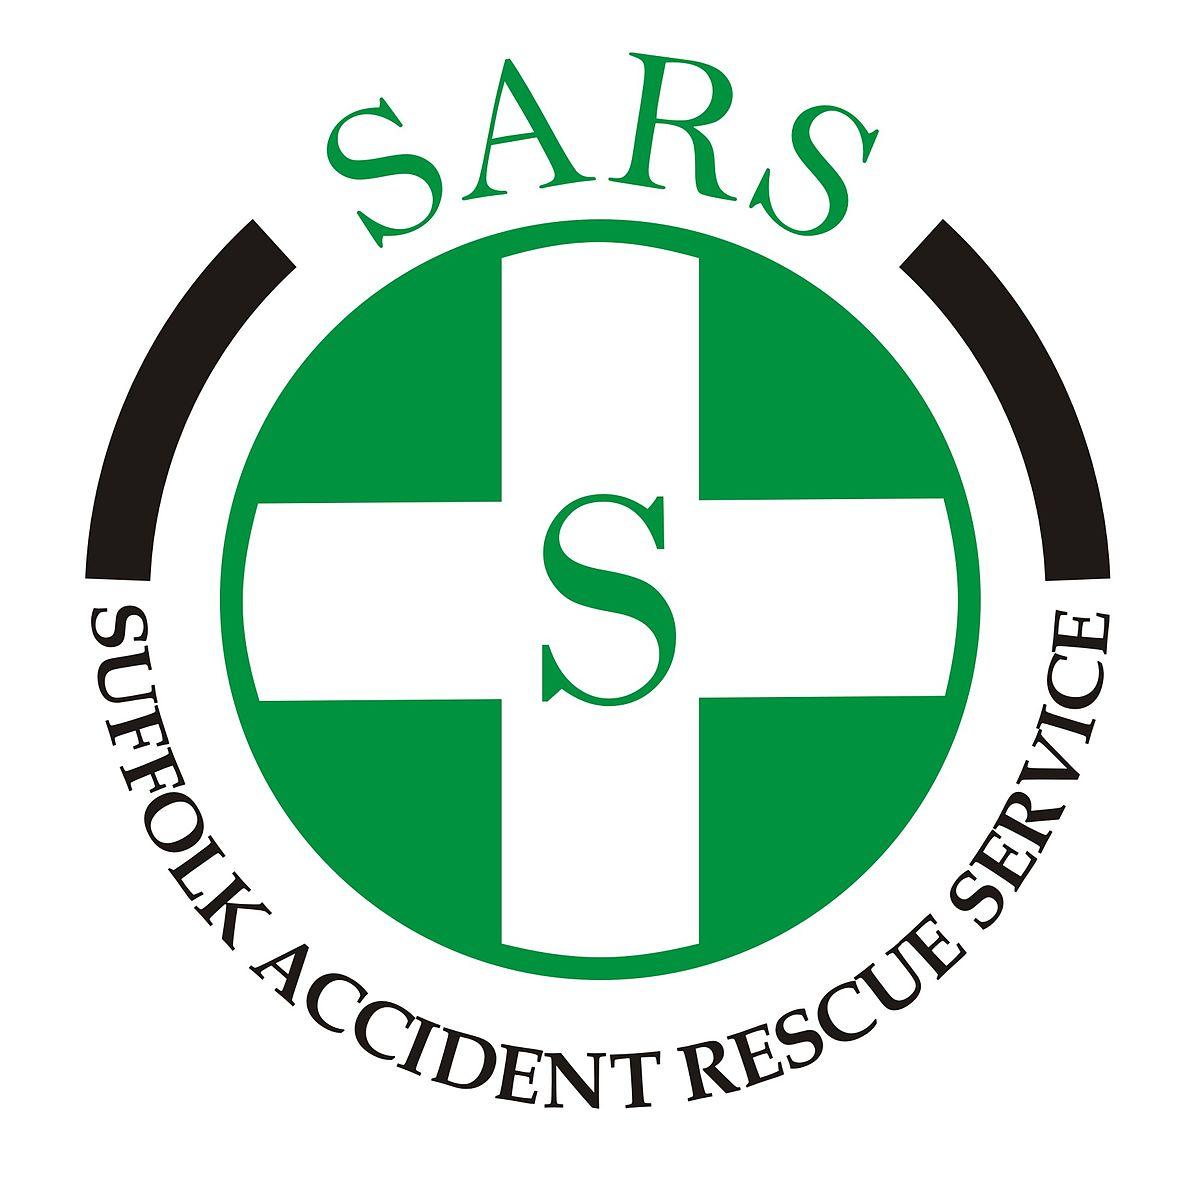 Suffolk Accident Rescue Service - Wikipedia